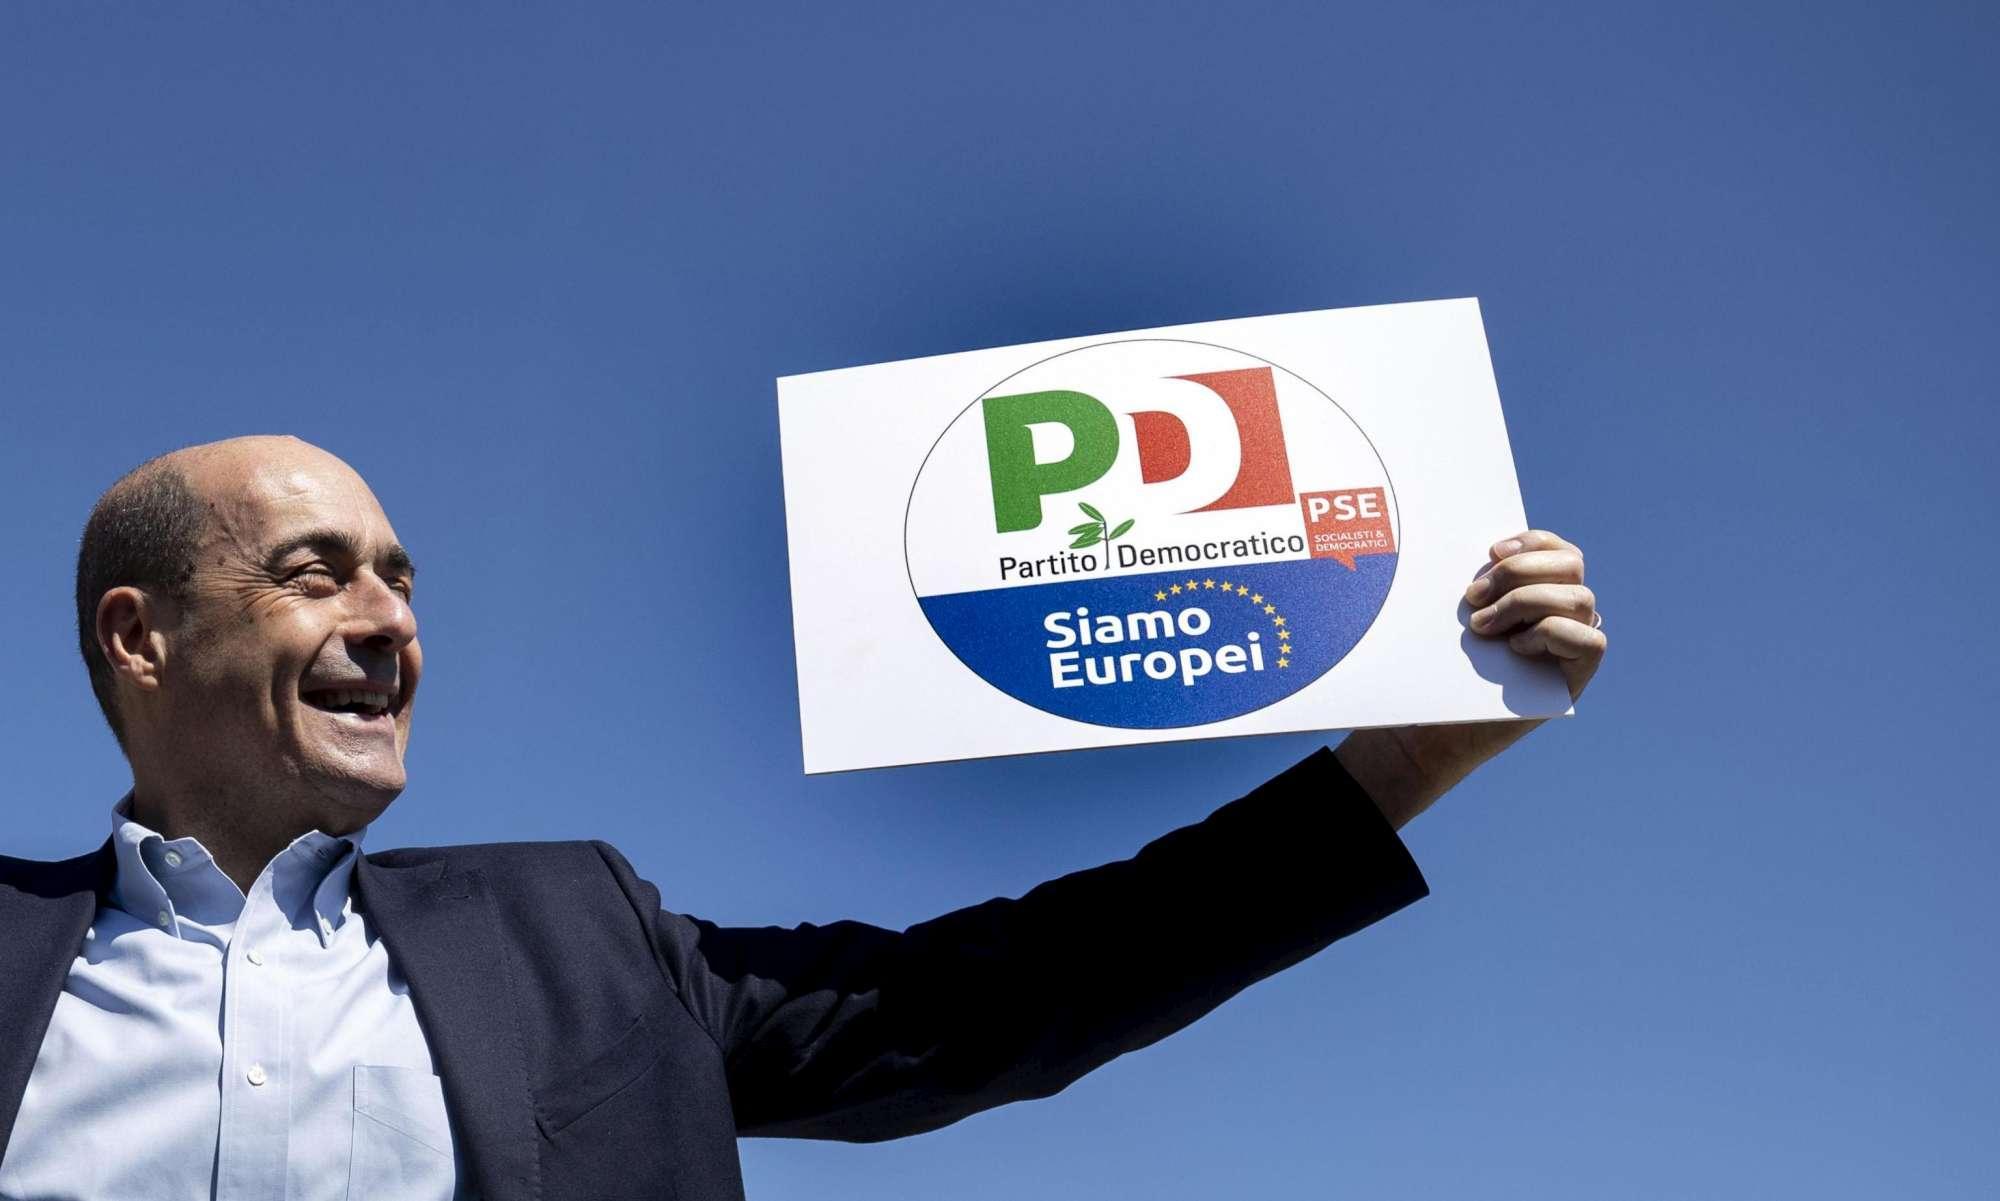 La nuova linea politica del PD targato Zingaretti